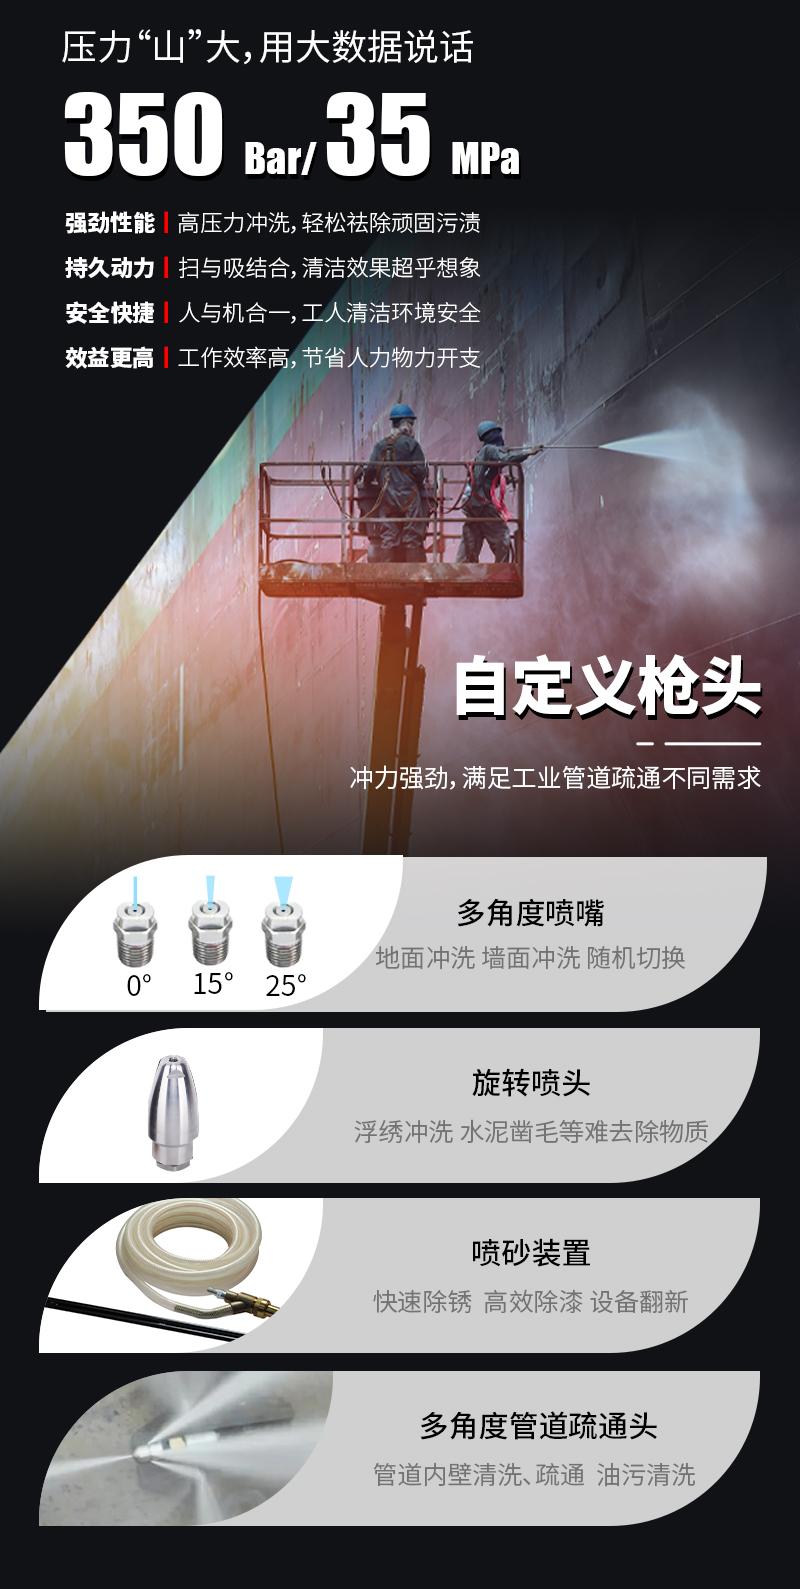 WT35高压清洗机_04